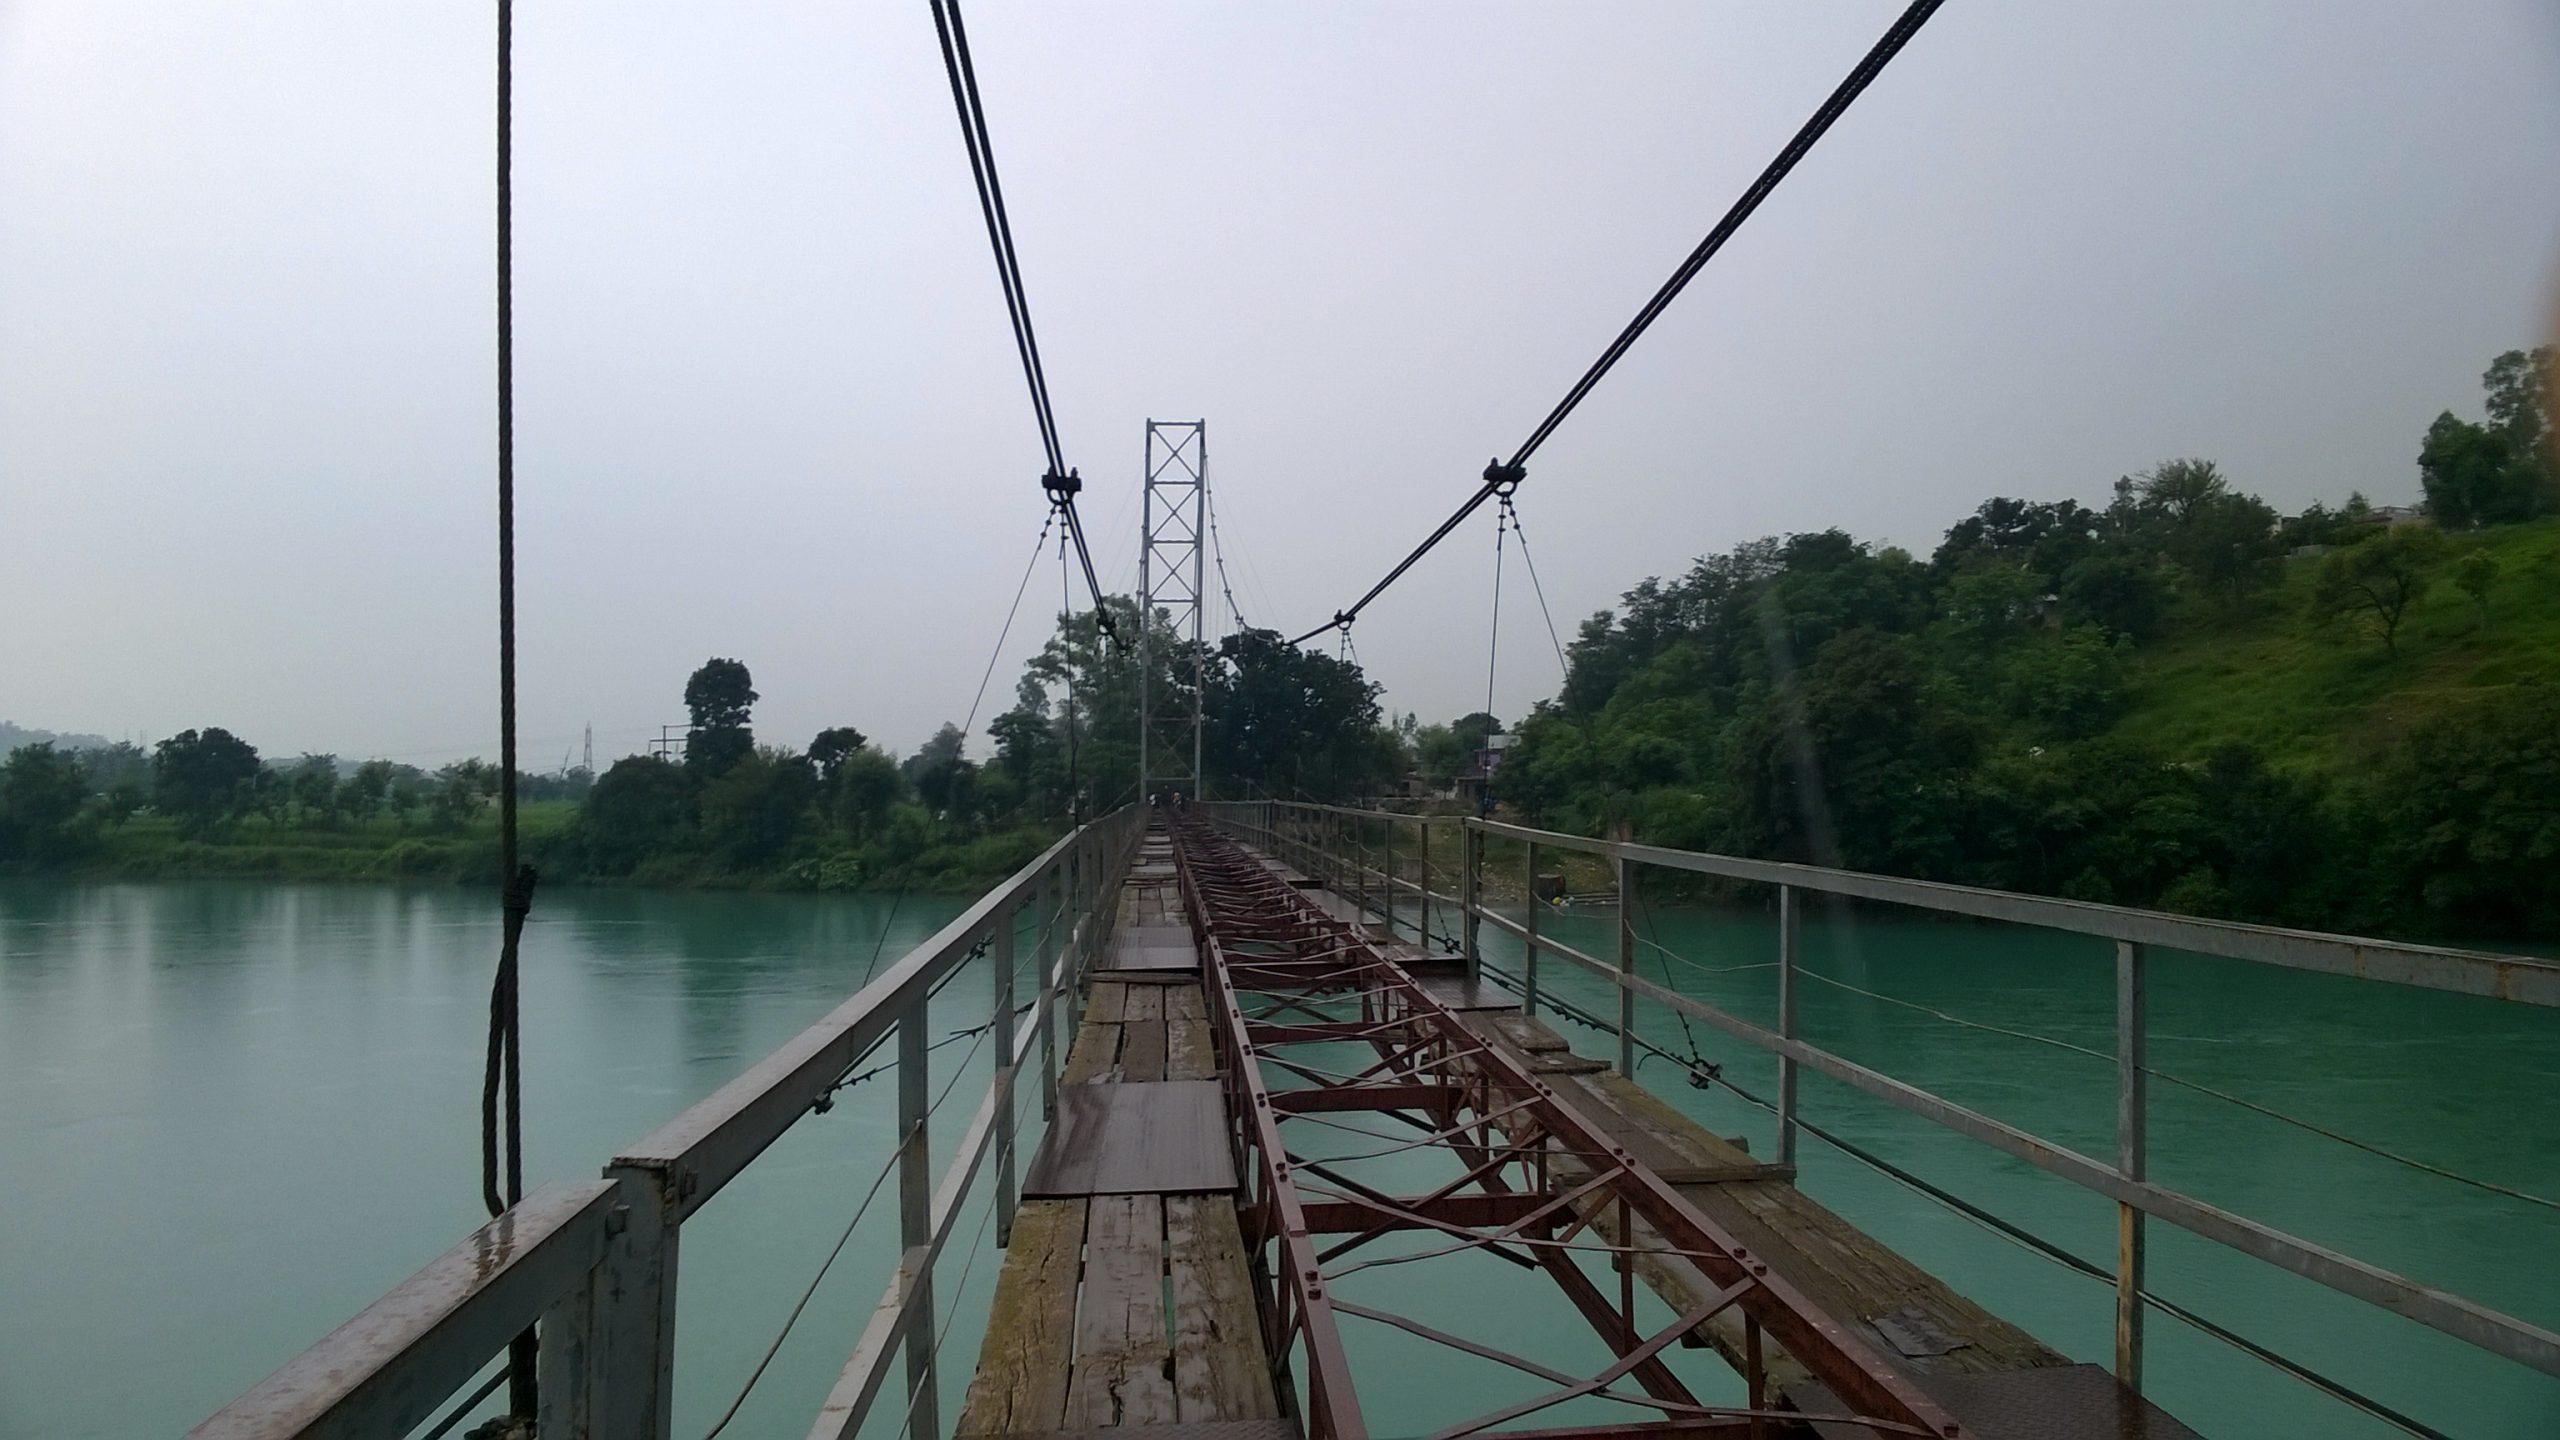 A suspension bridge over a river